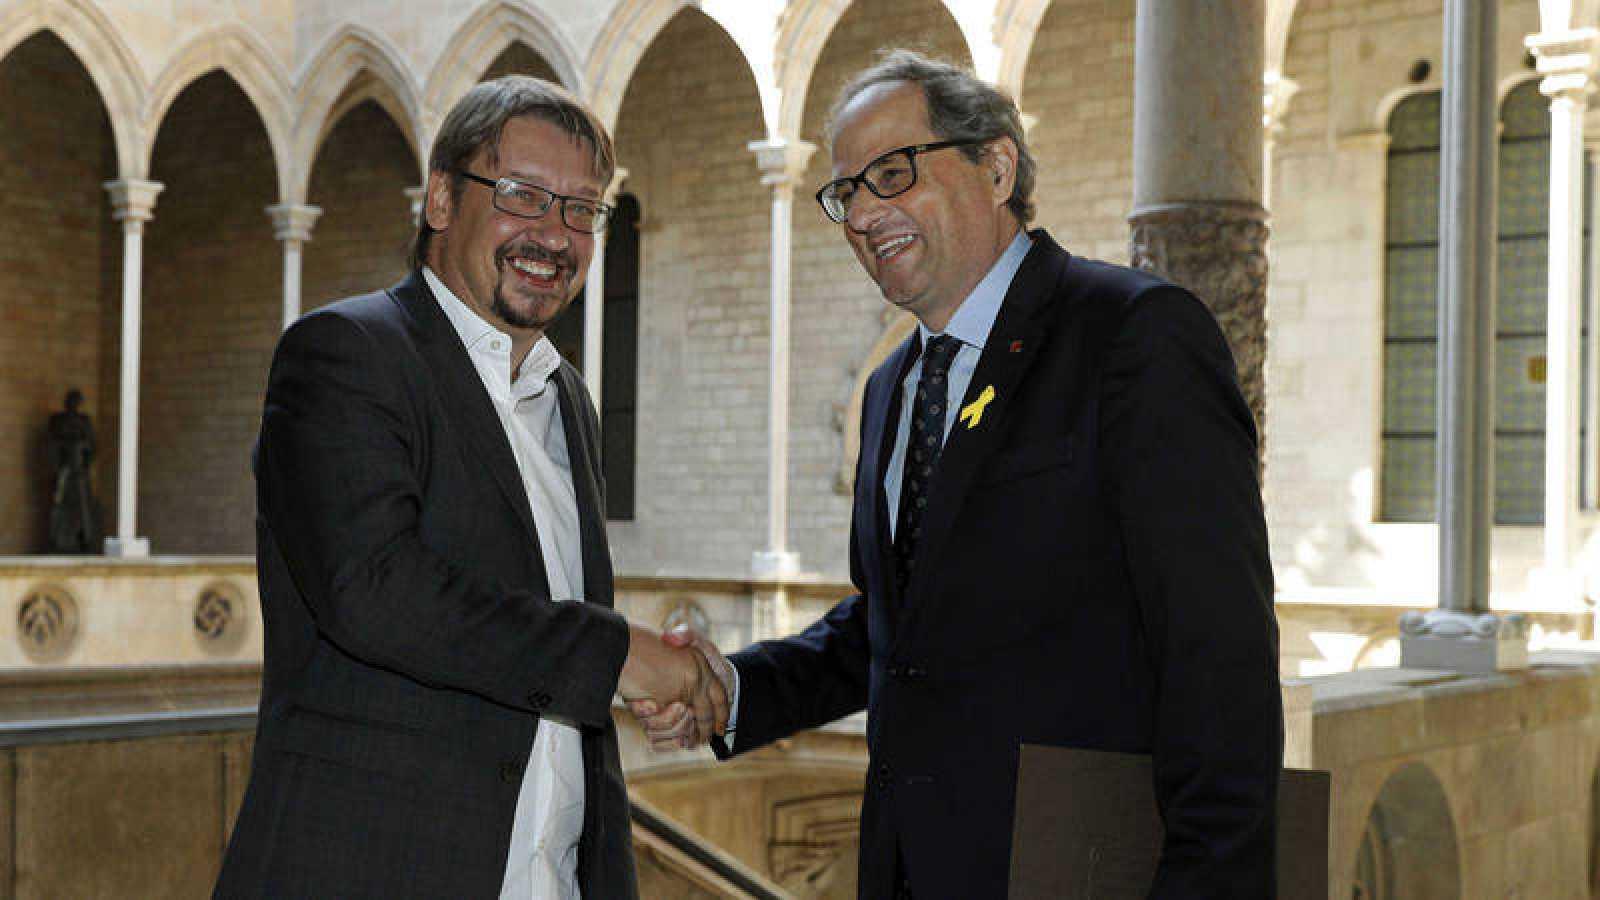 El presidente de Cataluña, Quim Torra (d), con el líder de Catalunya en Común Podem, Xavier Doménech